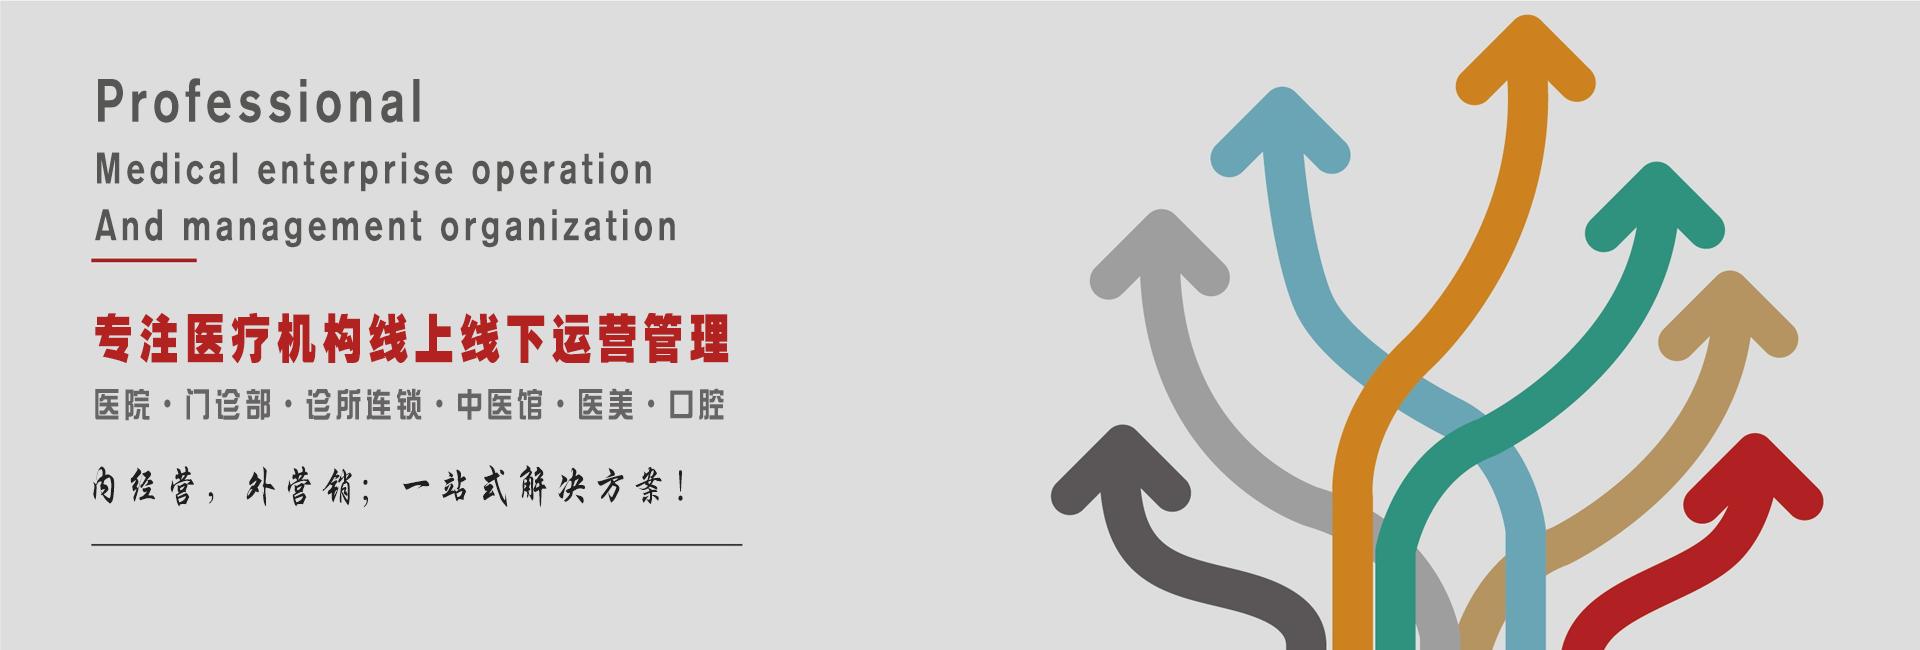 """老鹰科技由中国鹰派联盟十大元老之一""""kingeagle""""创办,为您提供一站式互联网技术服务"""